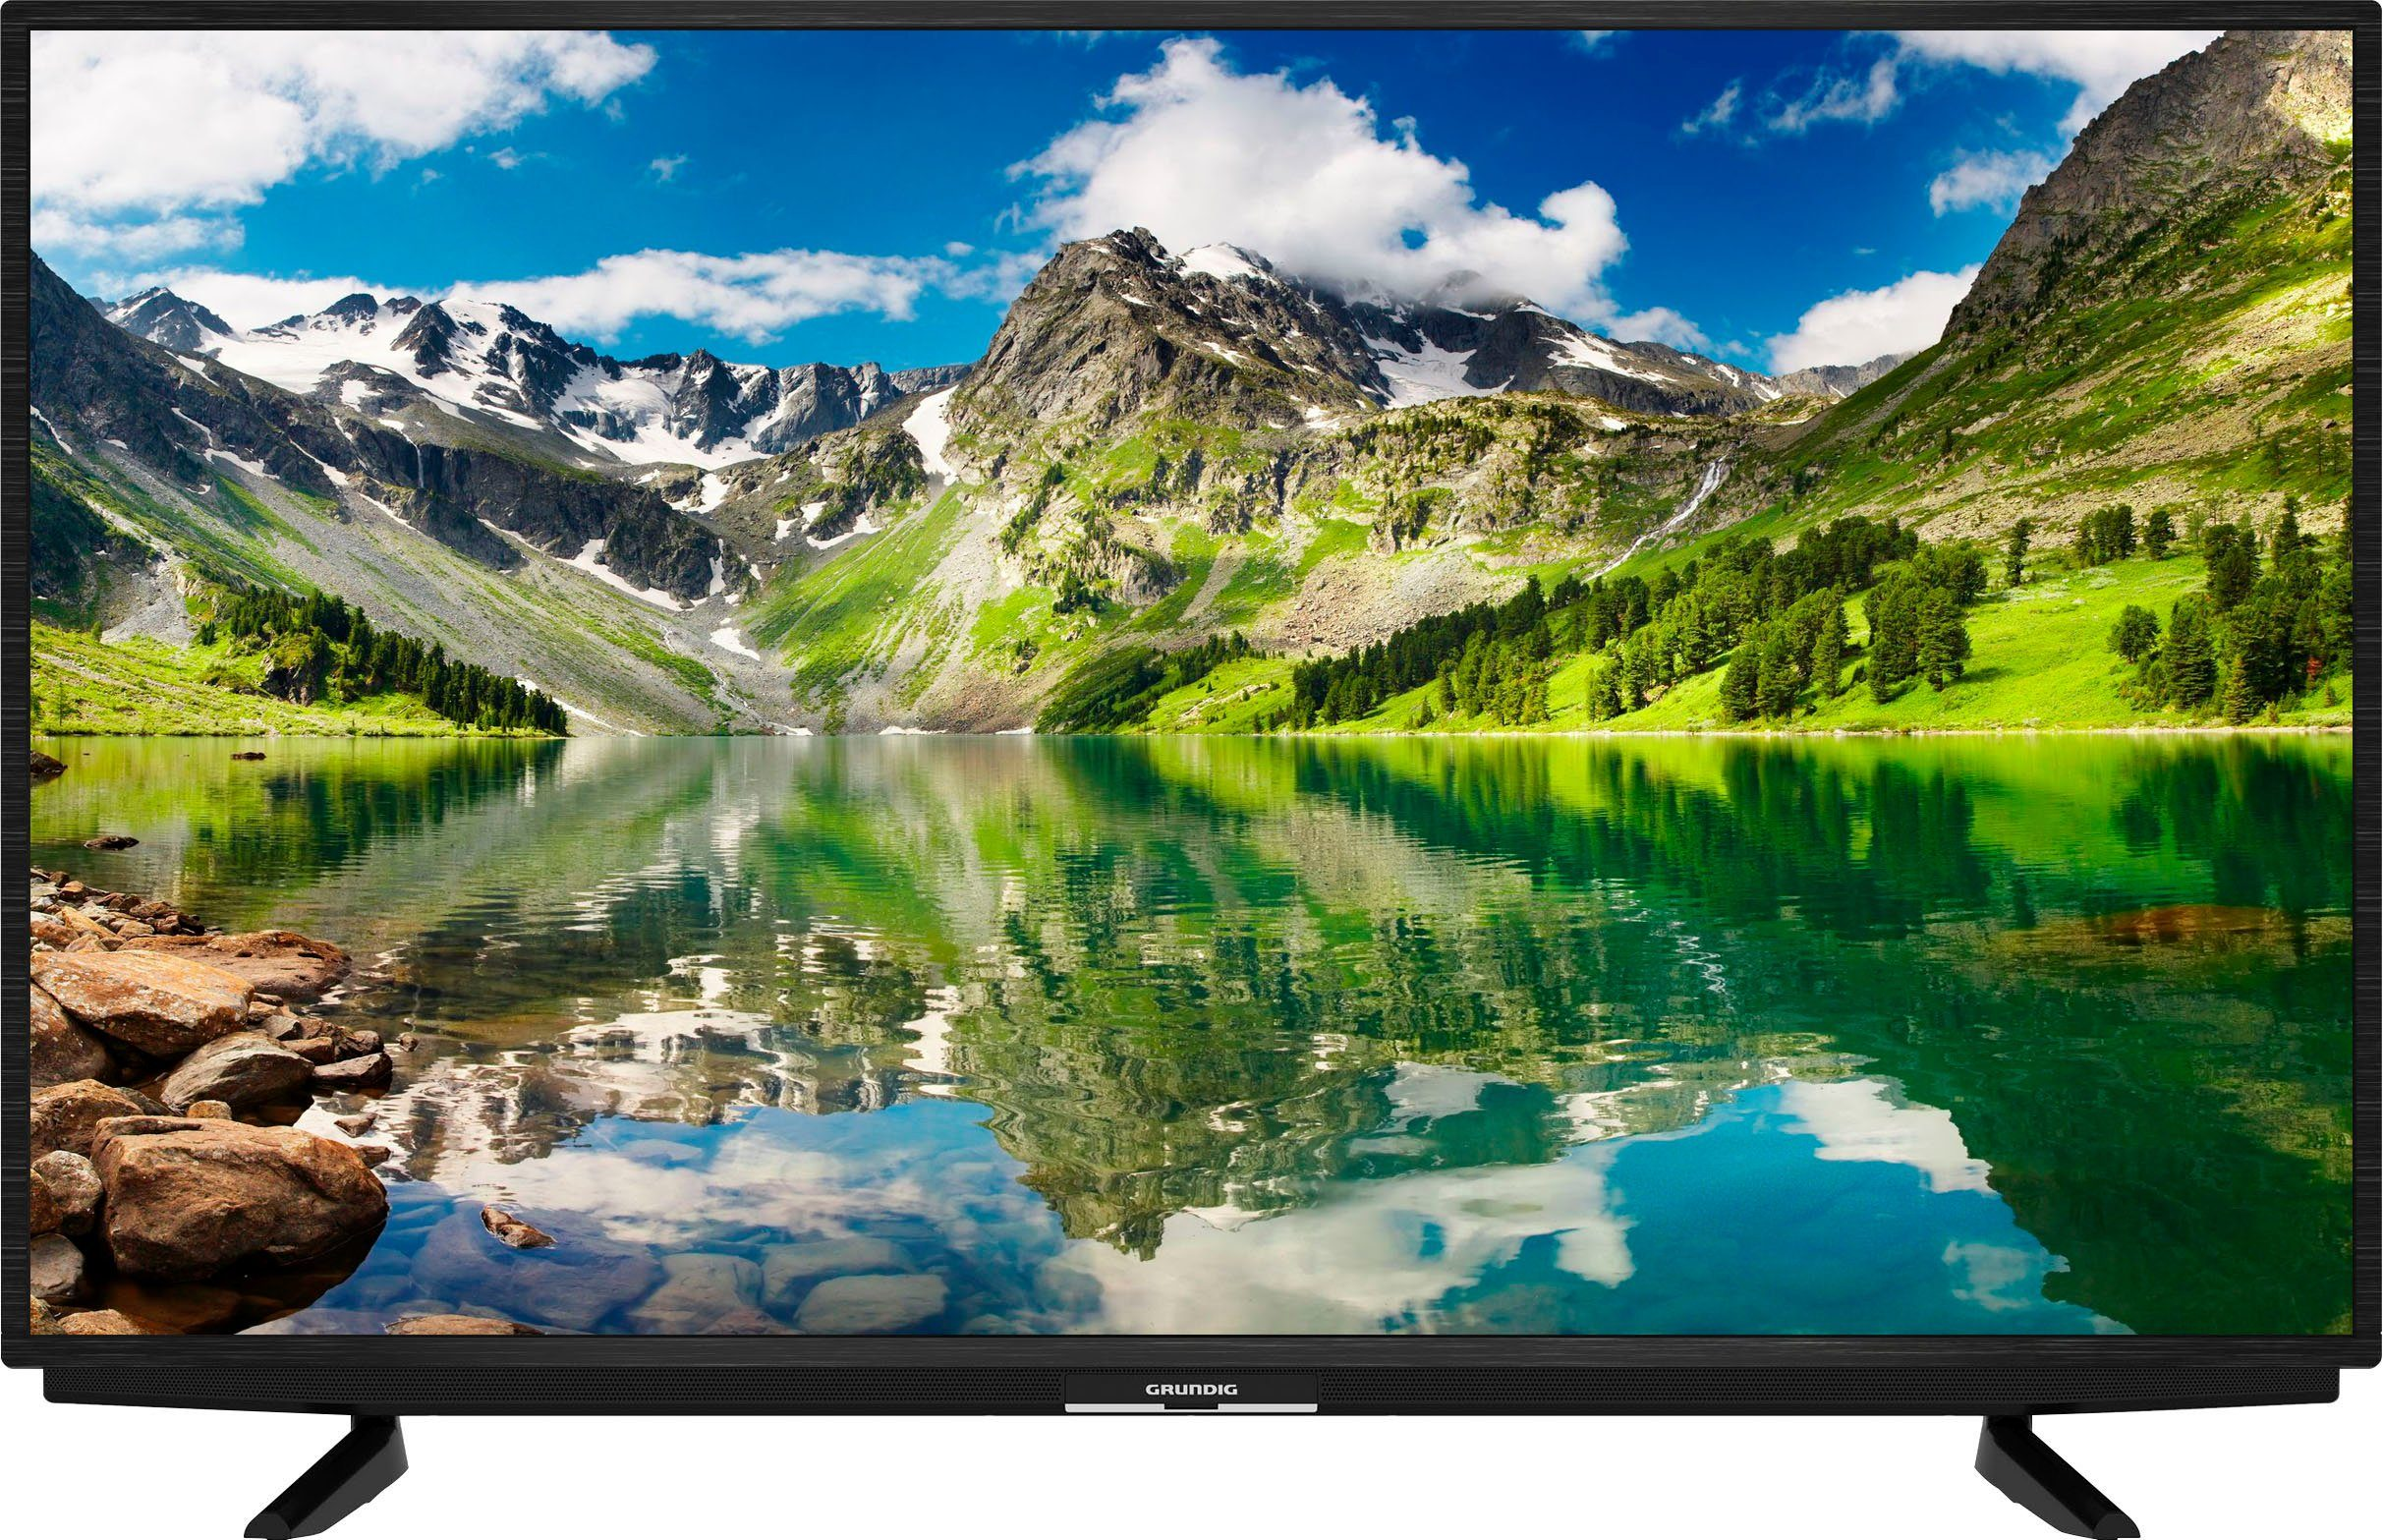 grundig 50 voe 71 fire tv edition trg000 led fernseher 126 cm 50 zoll 4k ultra hd smart tv firetv edition aus der radio werbung online kaufen